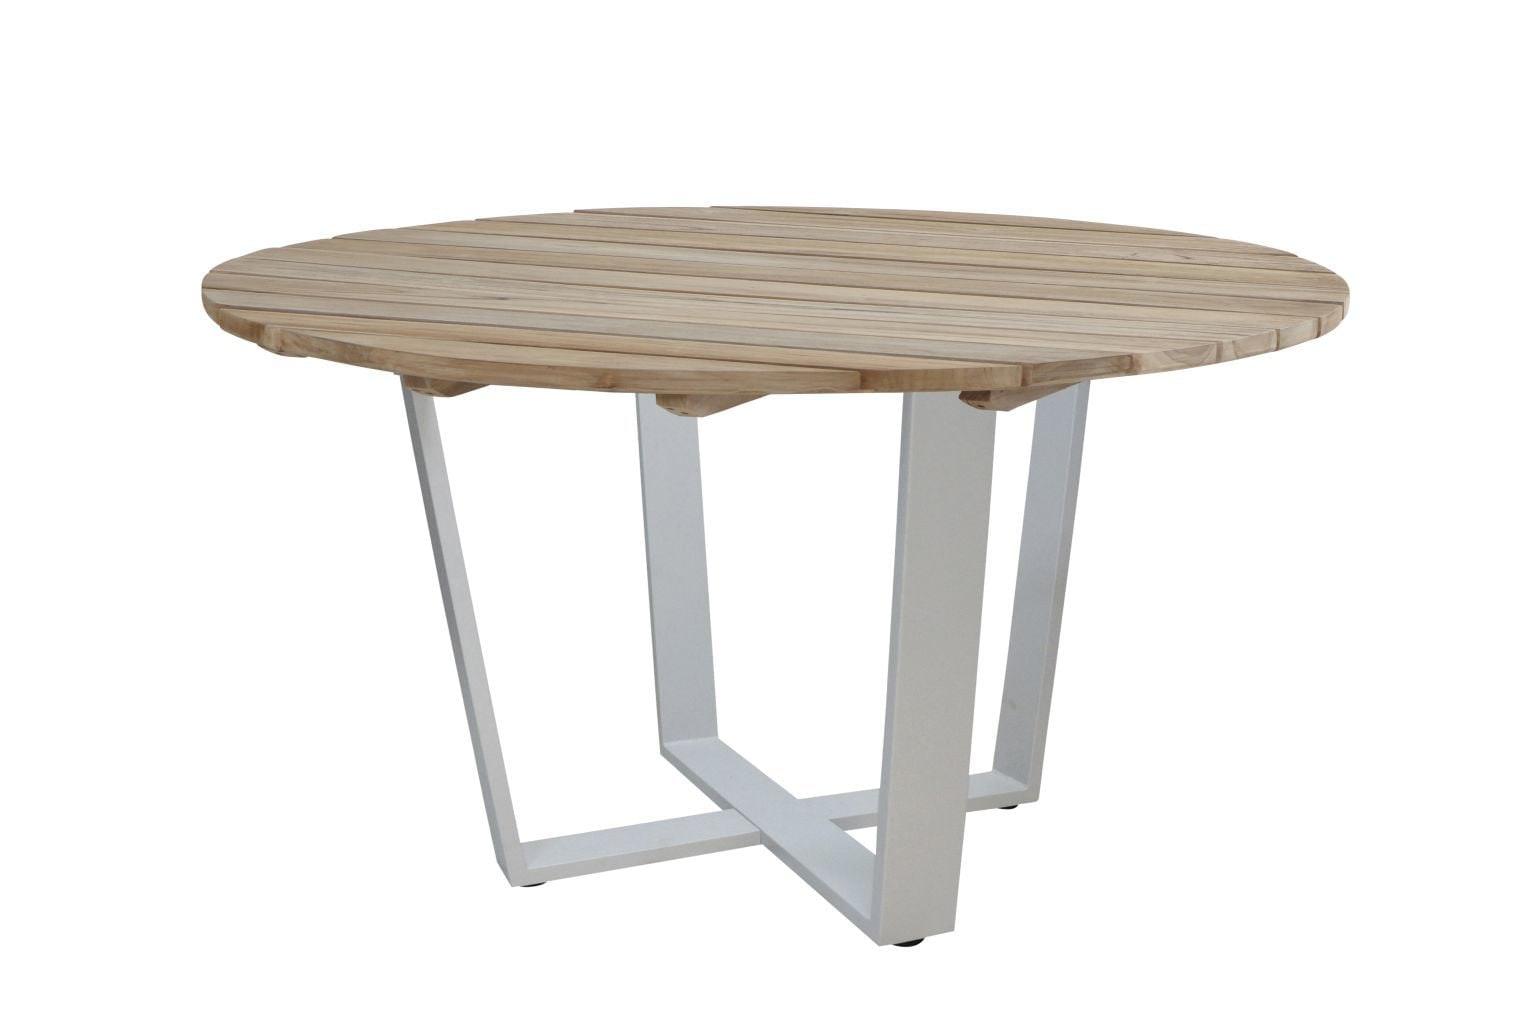 4 Seasons Outdoor Cricket tafel 130 rond teak onderstel frost grey